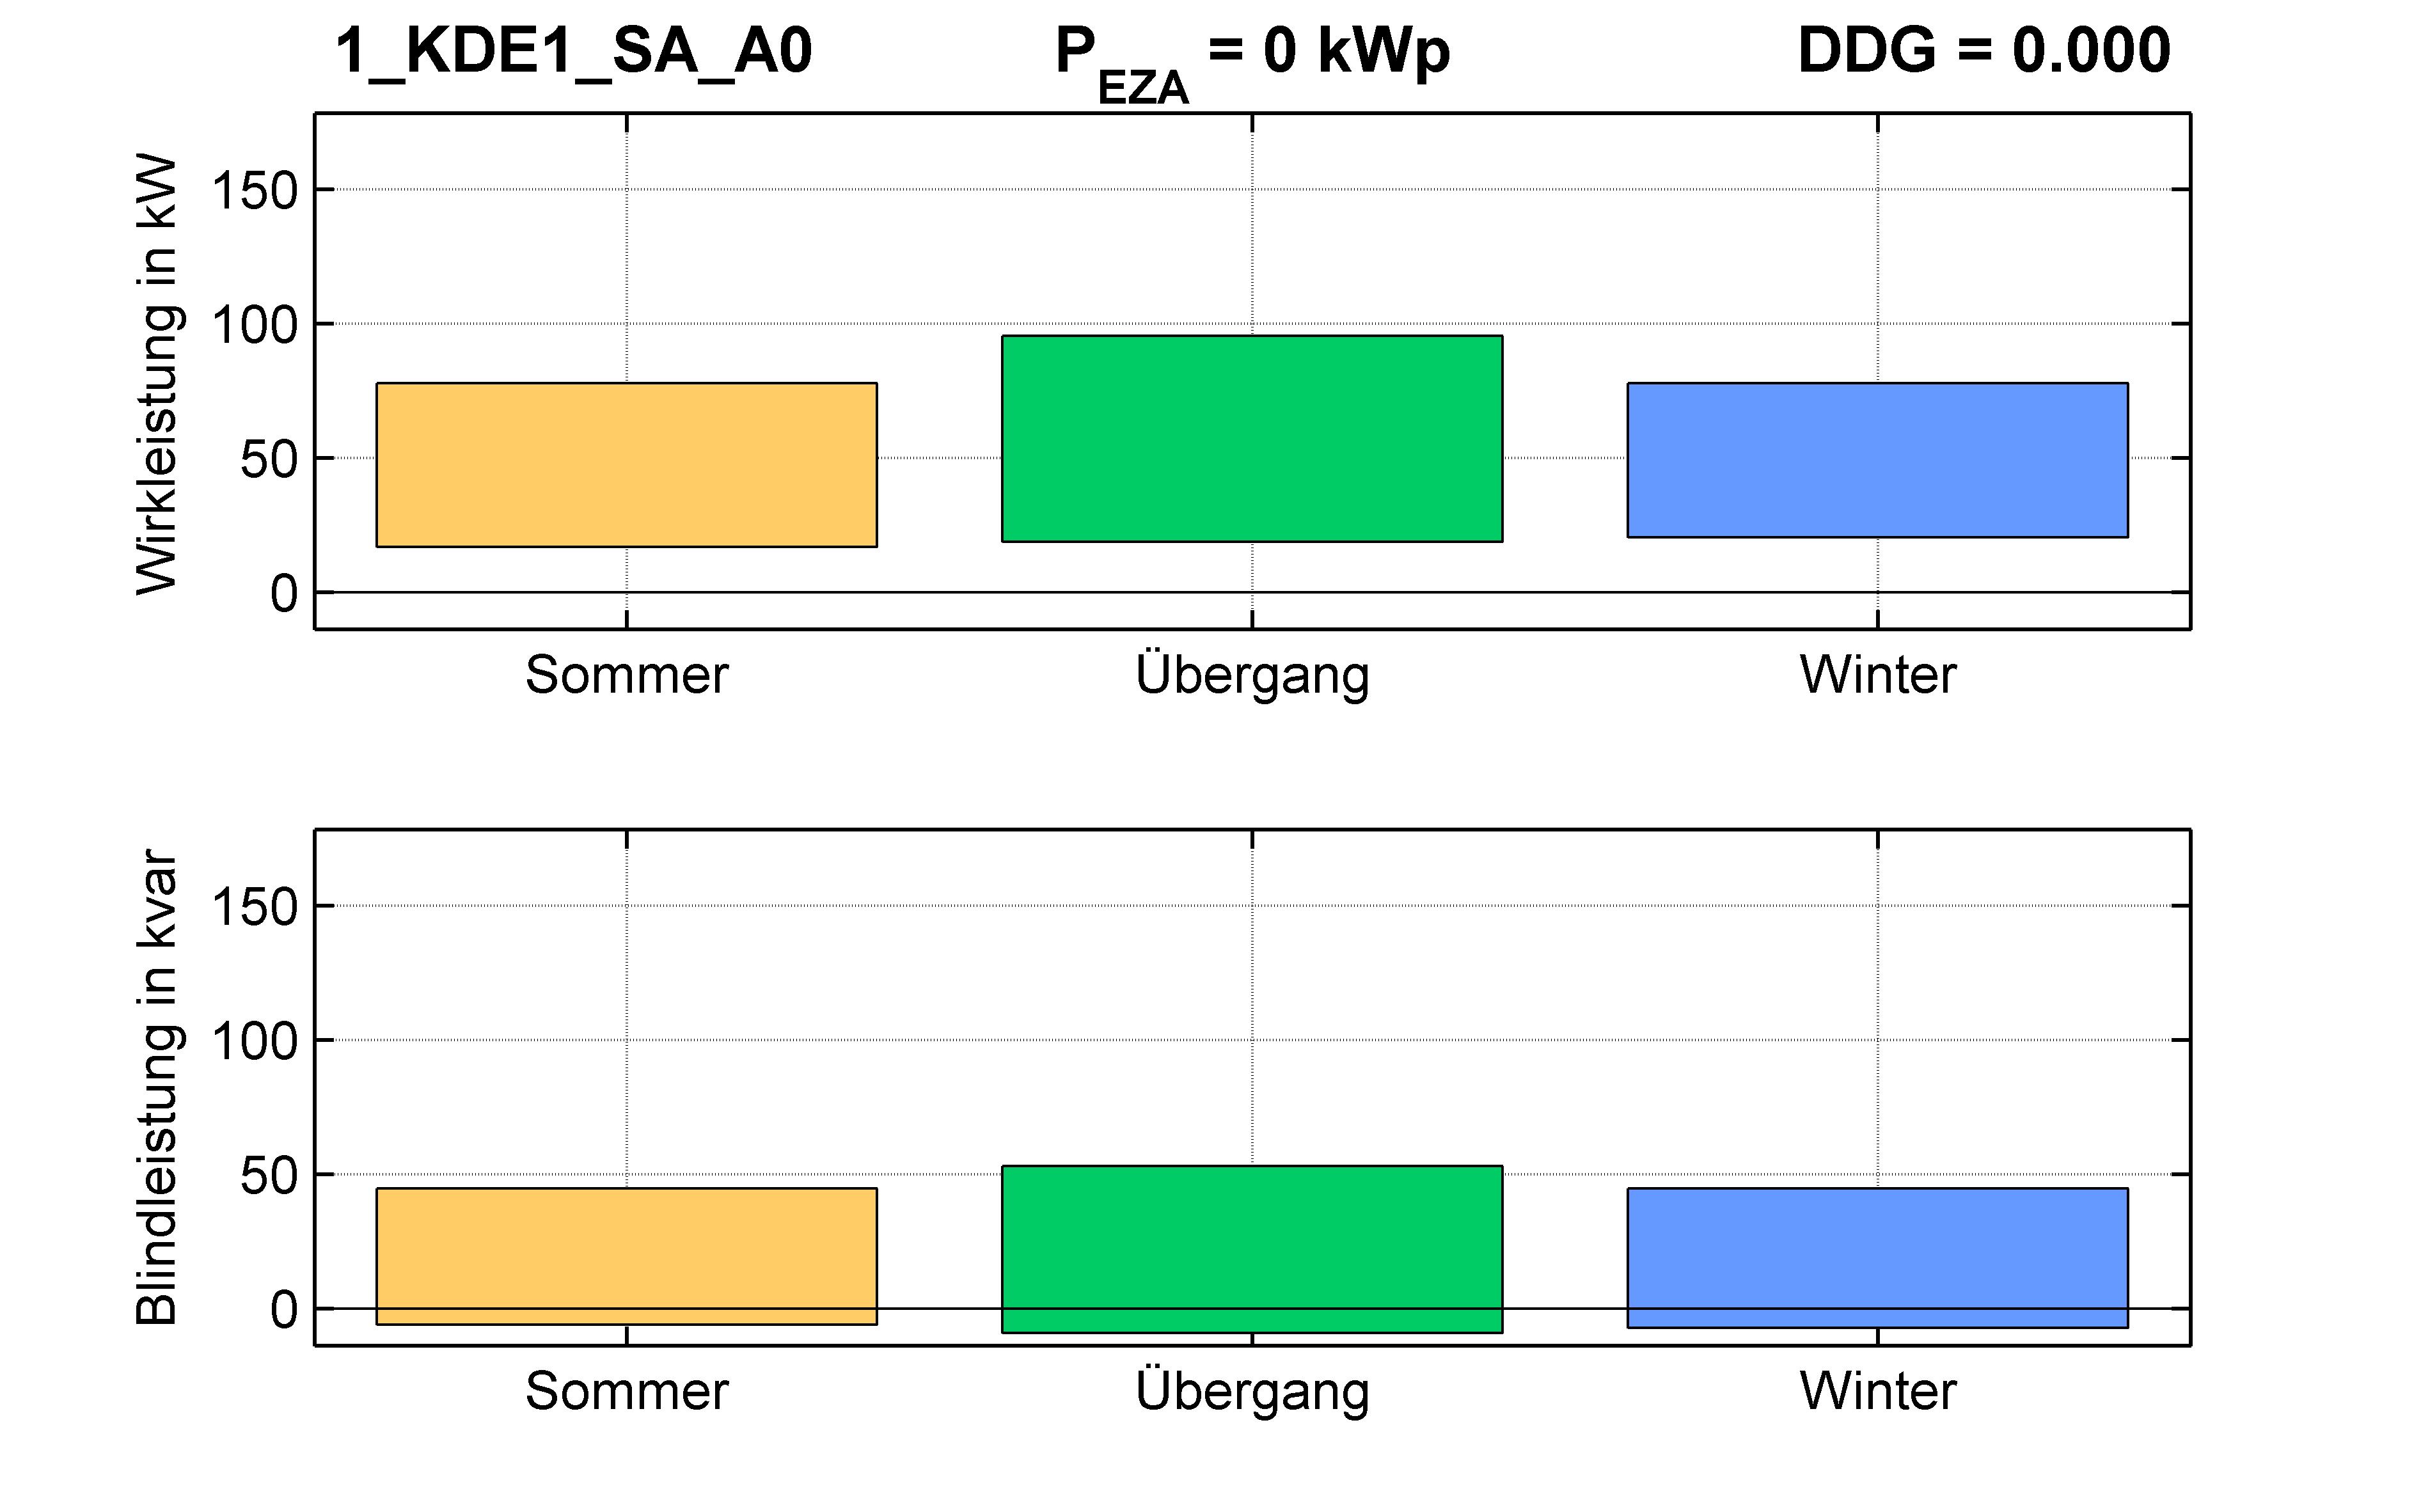 KDE1 | KABEL (SA) A0 | PQ-Bilanz